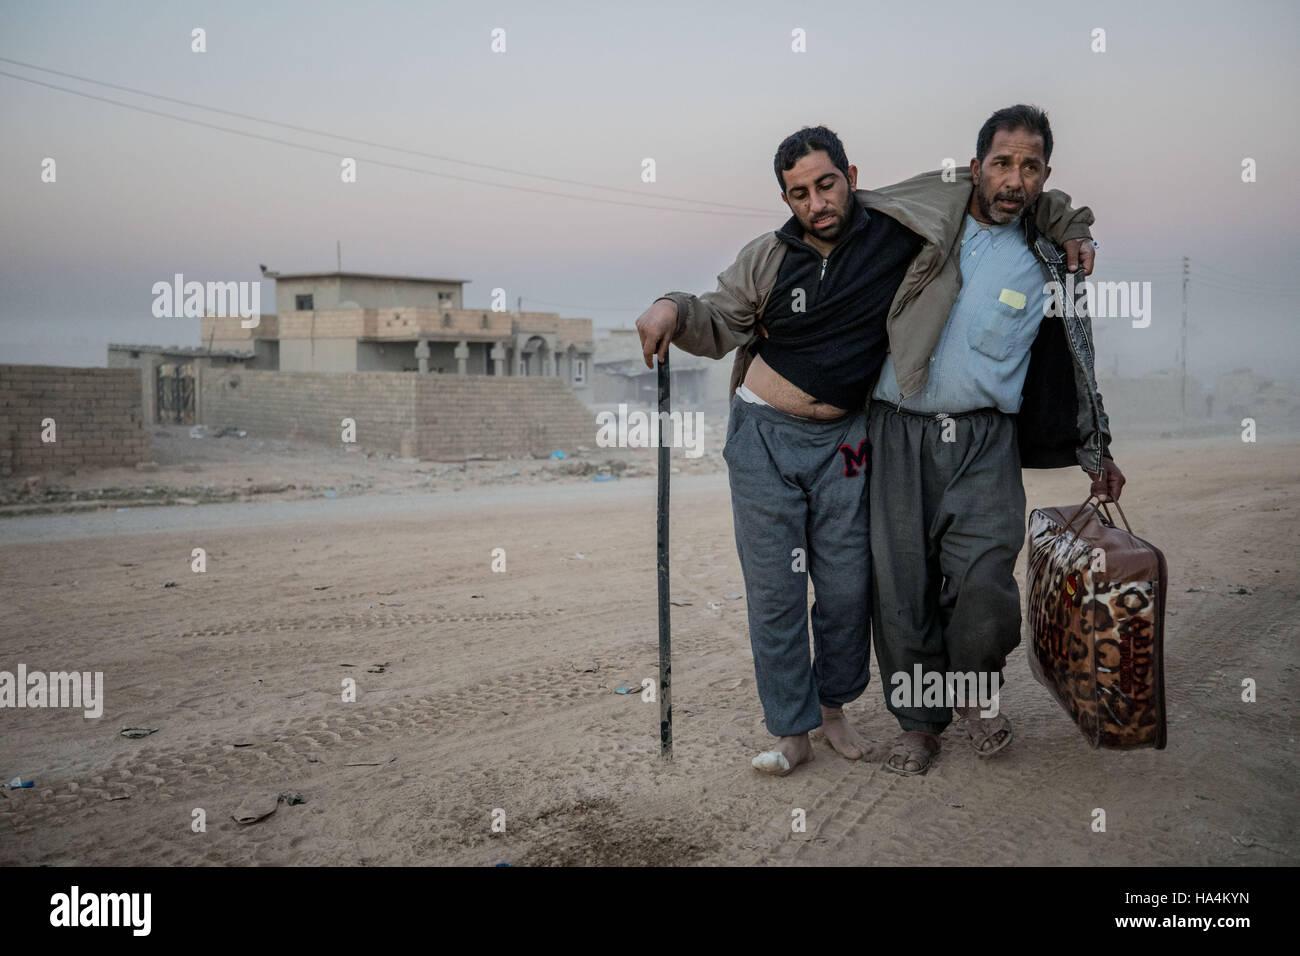 Provincia de Ninewa, Mosul, Iraq. 26 Nov, 2016. Un hombre ayuda a su amigo lesionado al hospital de campo Gogjali Imagen De Stock